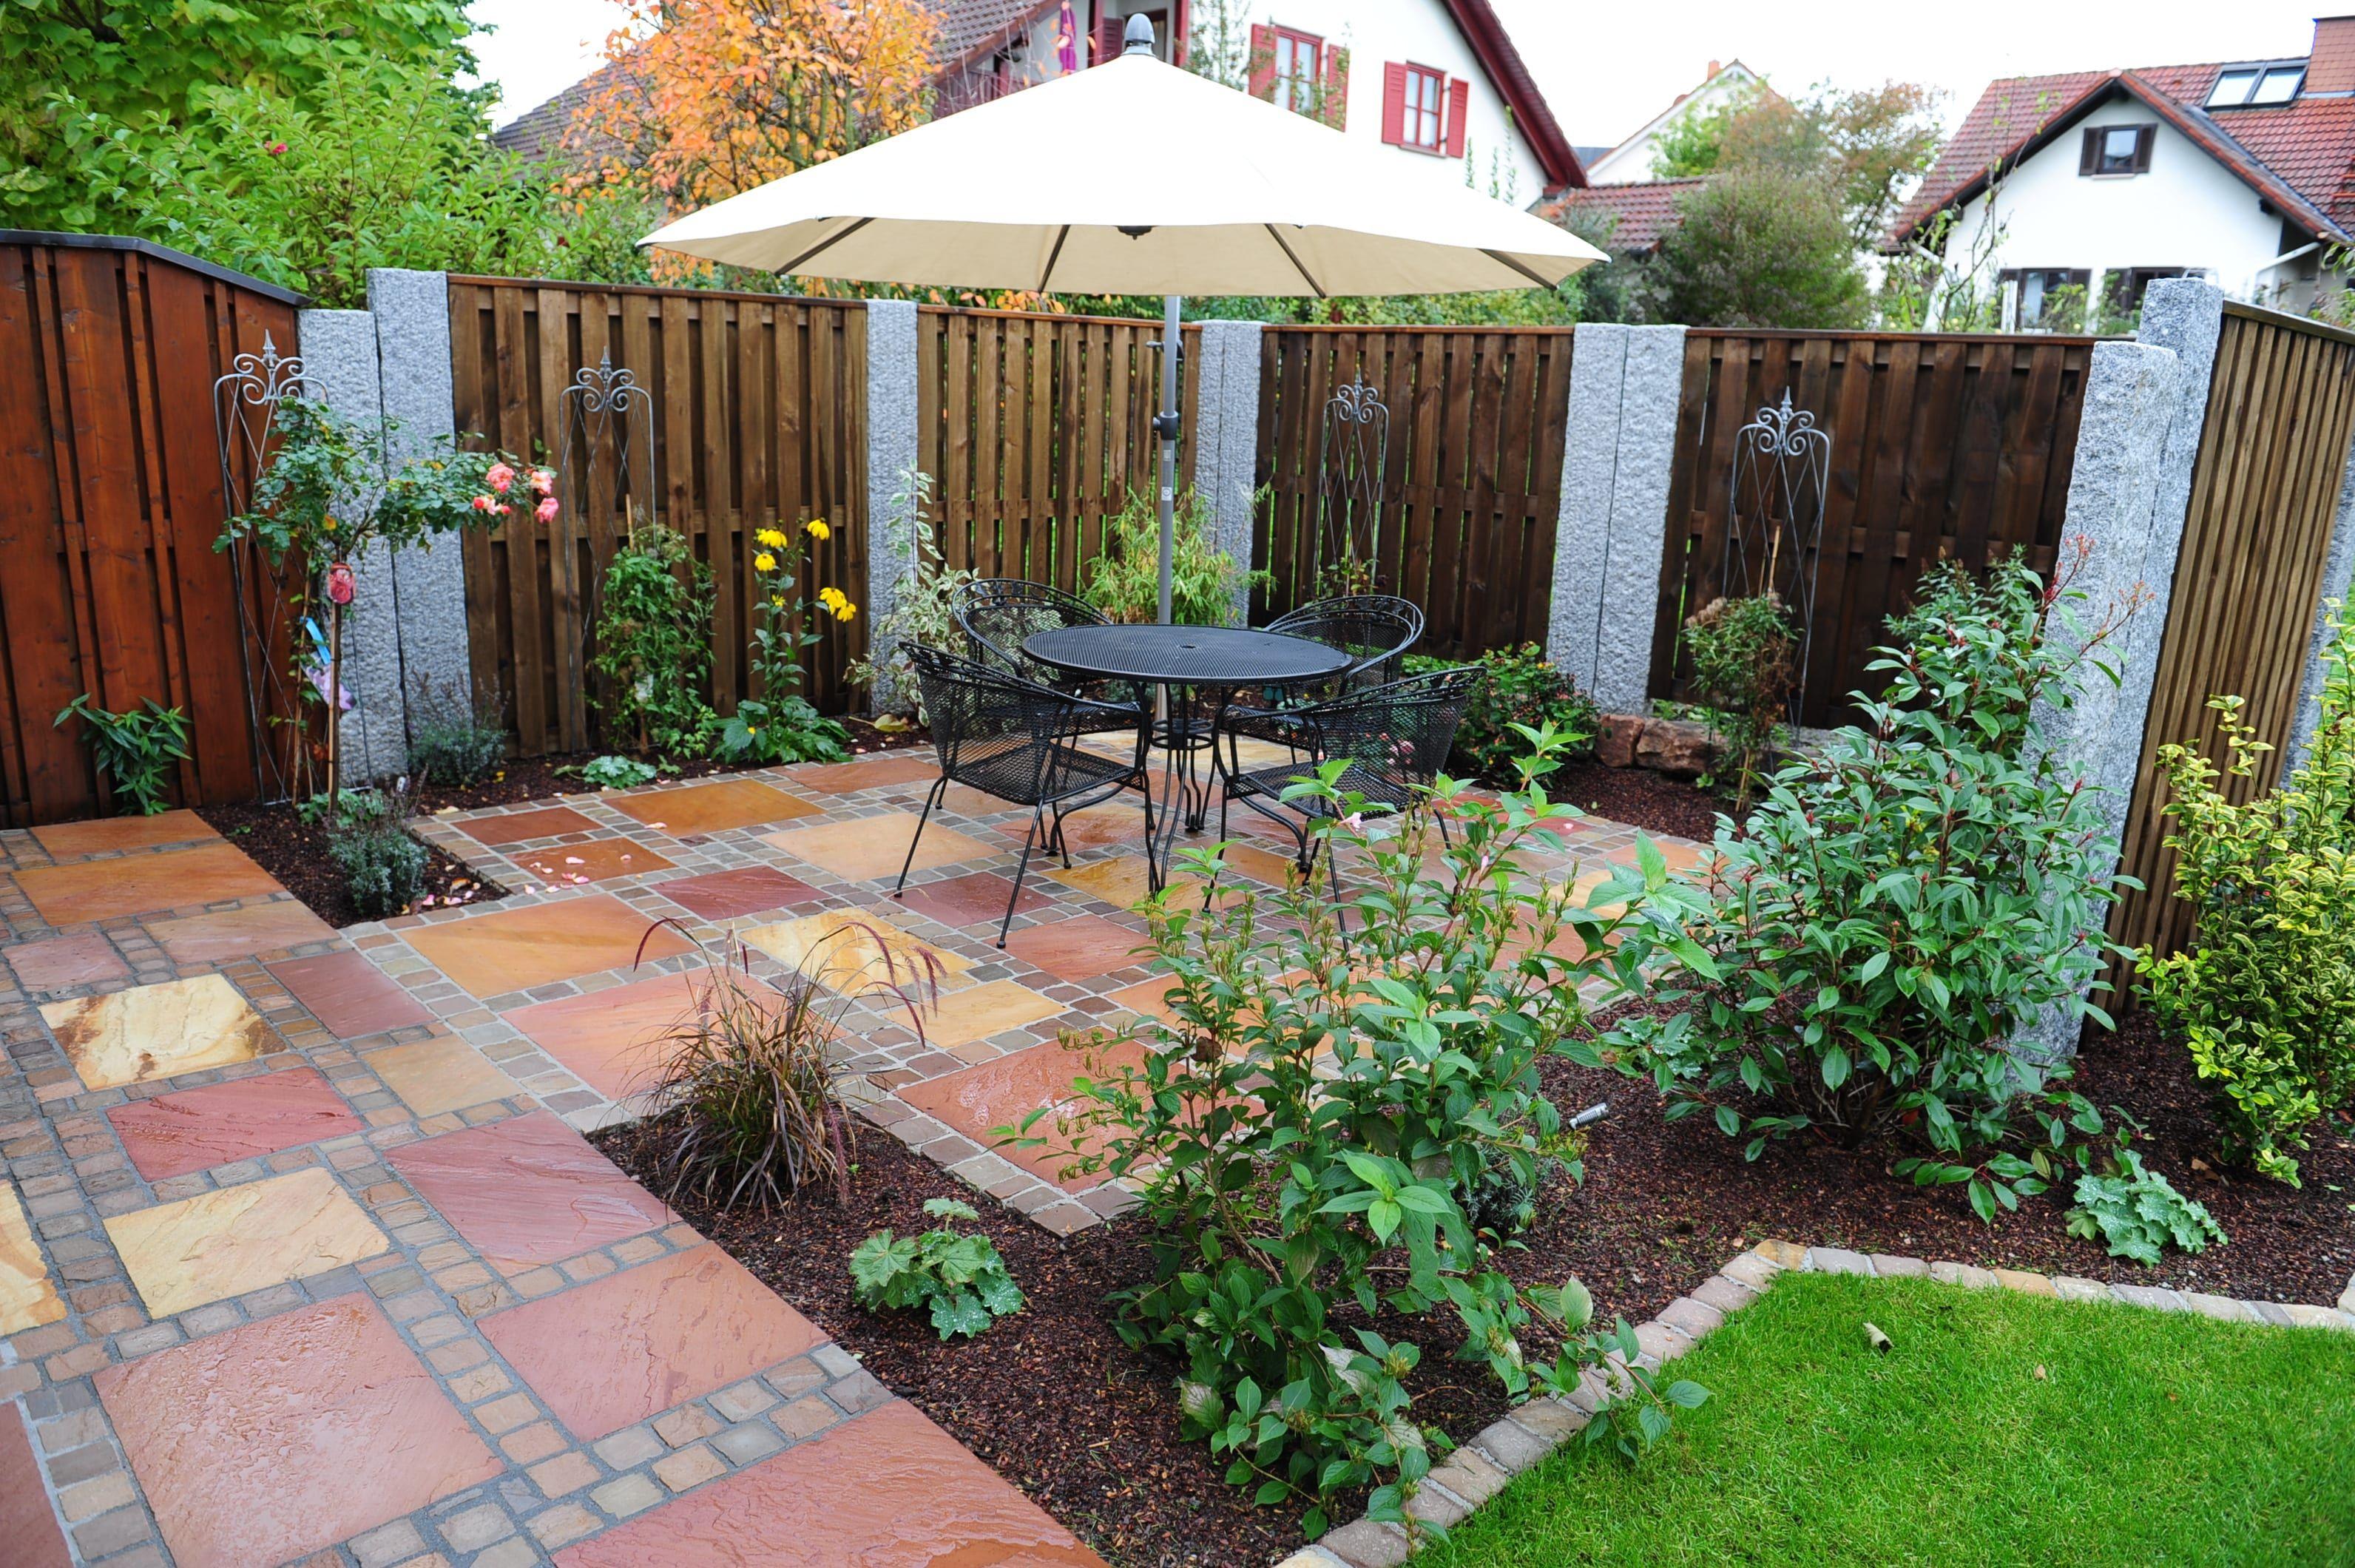 15 Heeg Gartengestaltung Grossostheim Gartengestaltung Zen Garten Garten